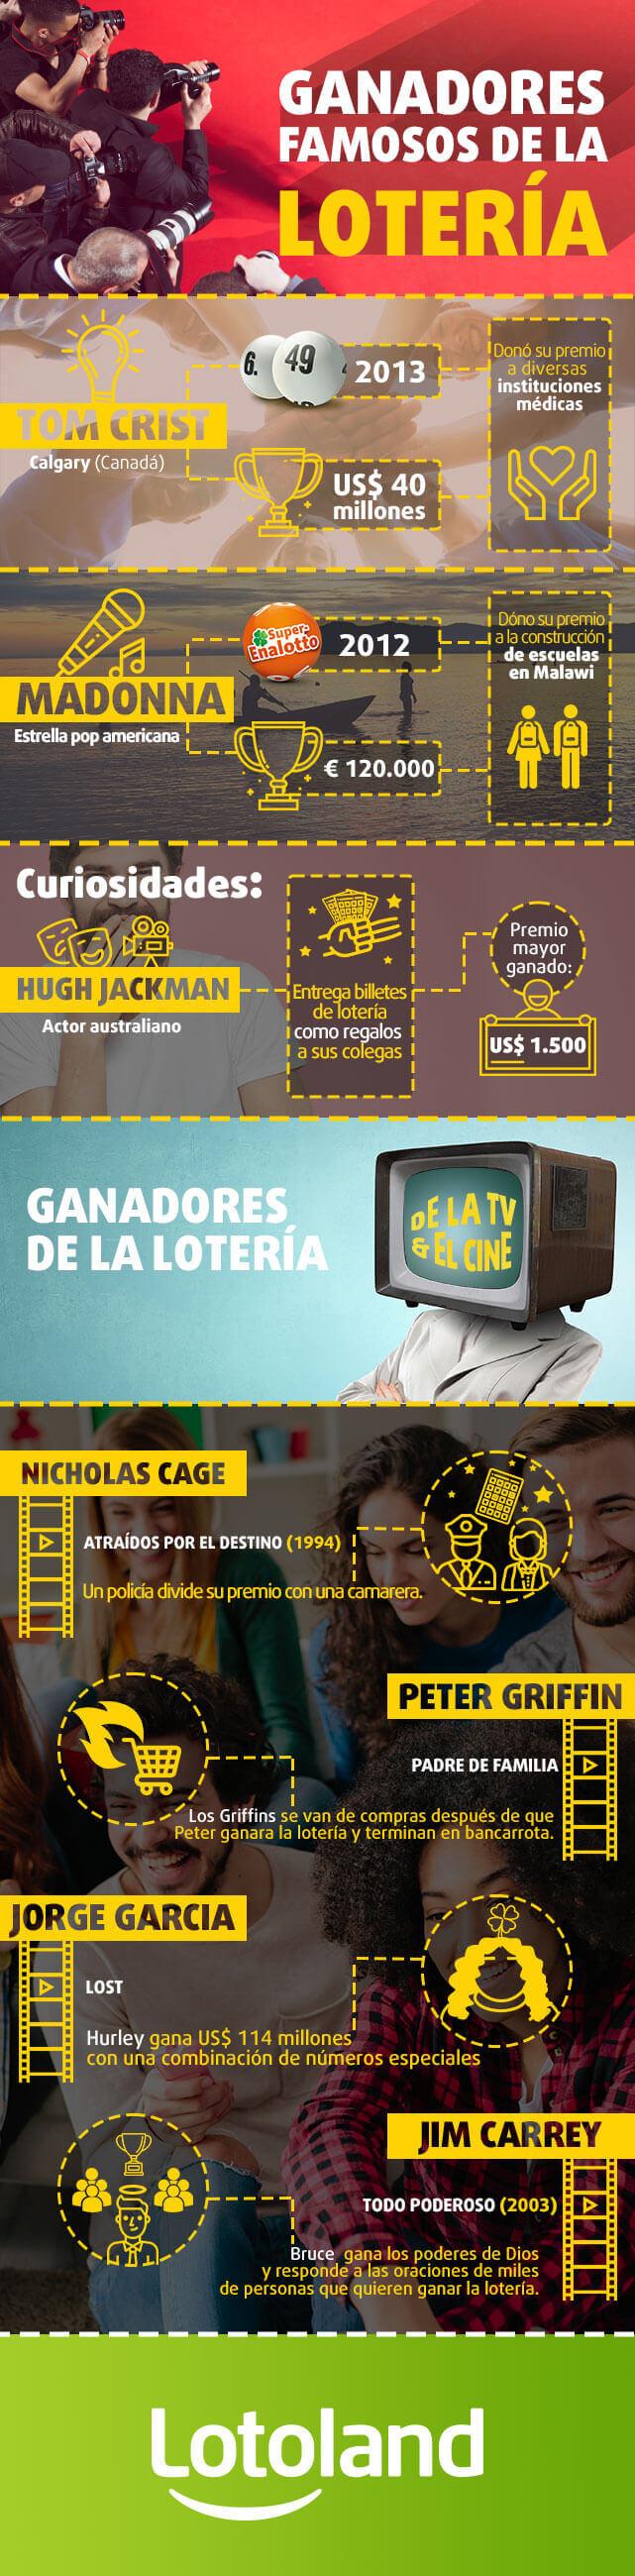 Infografía sobre famosos ganadores de lotería